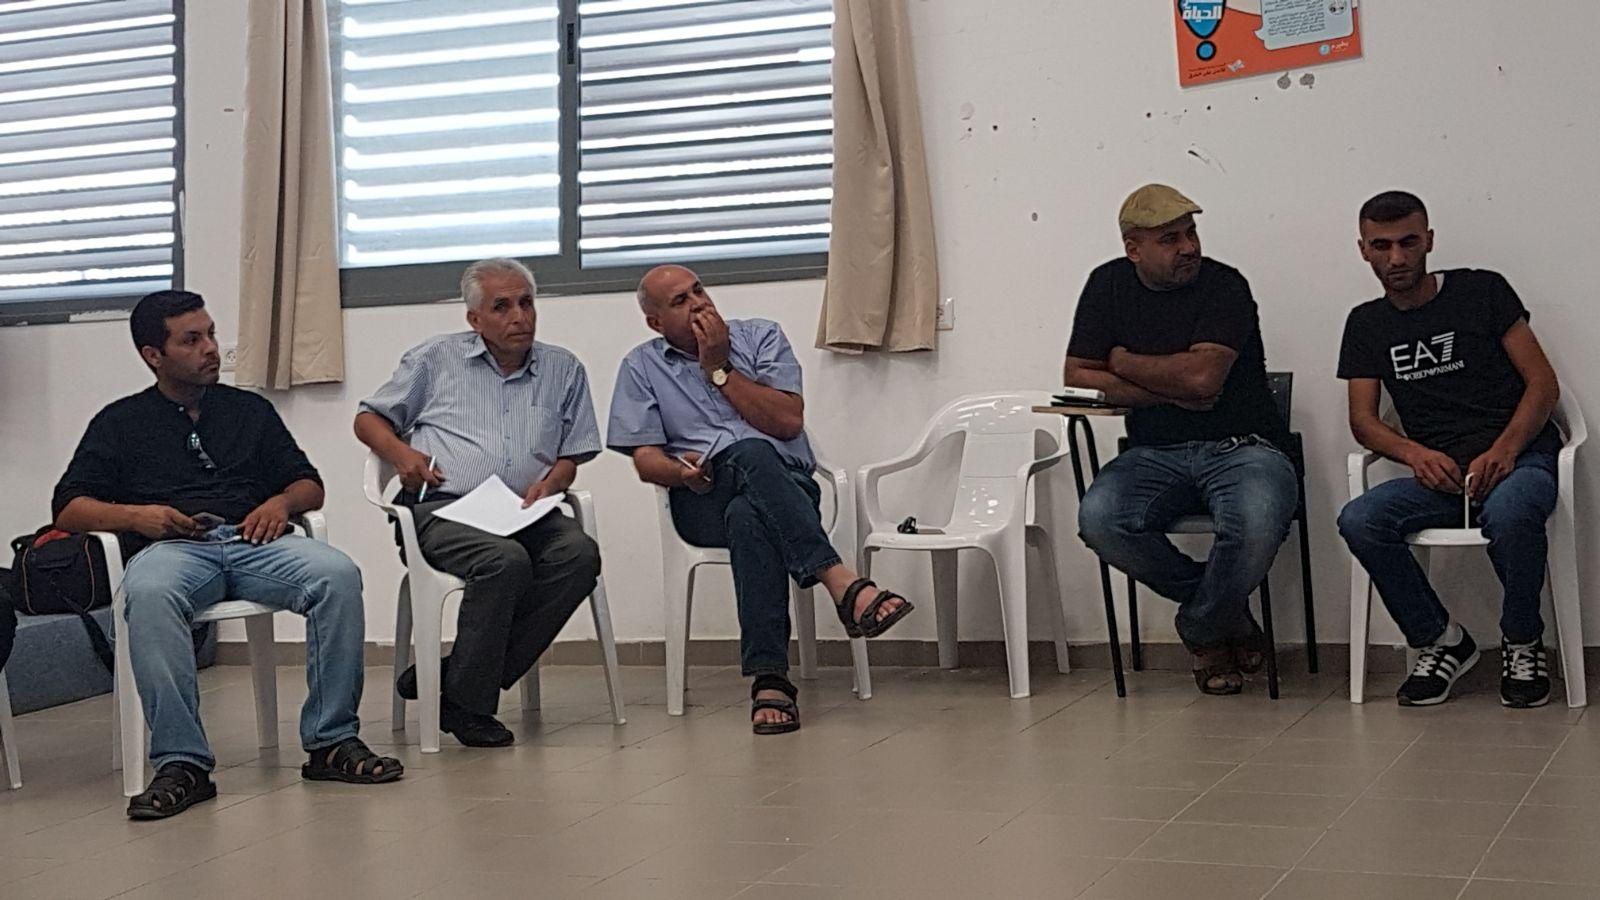 النقب: لجنة التوجيه تدعو لمظاهرة حاشدة ضد الانتهاكات بالنقب